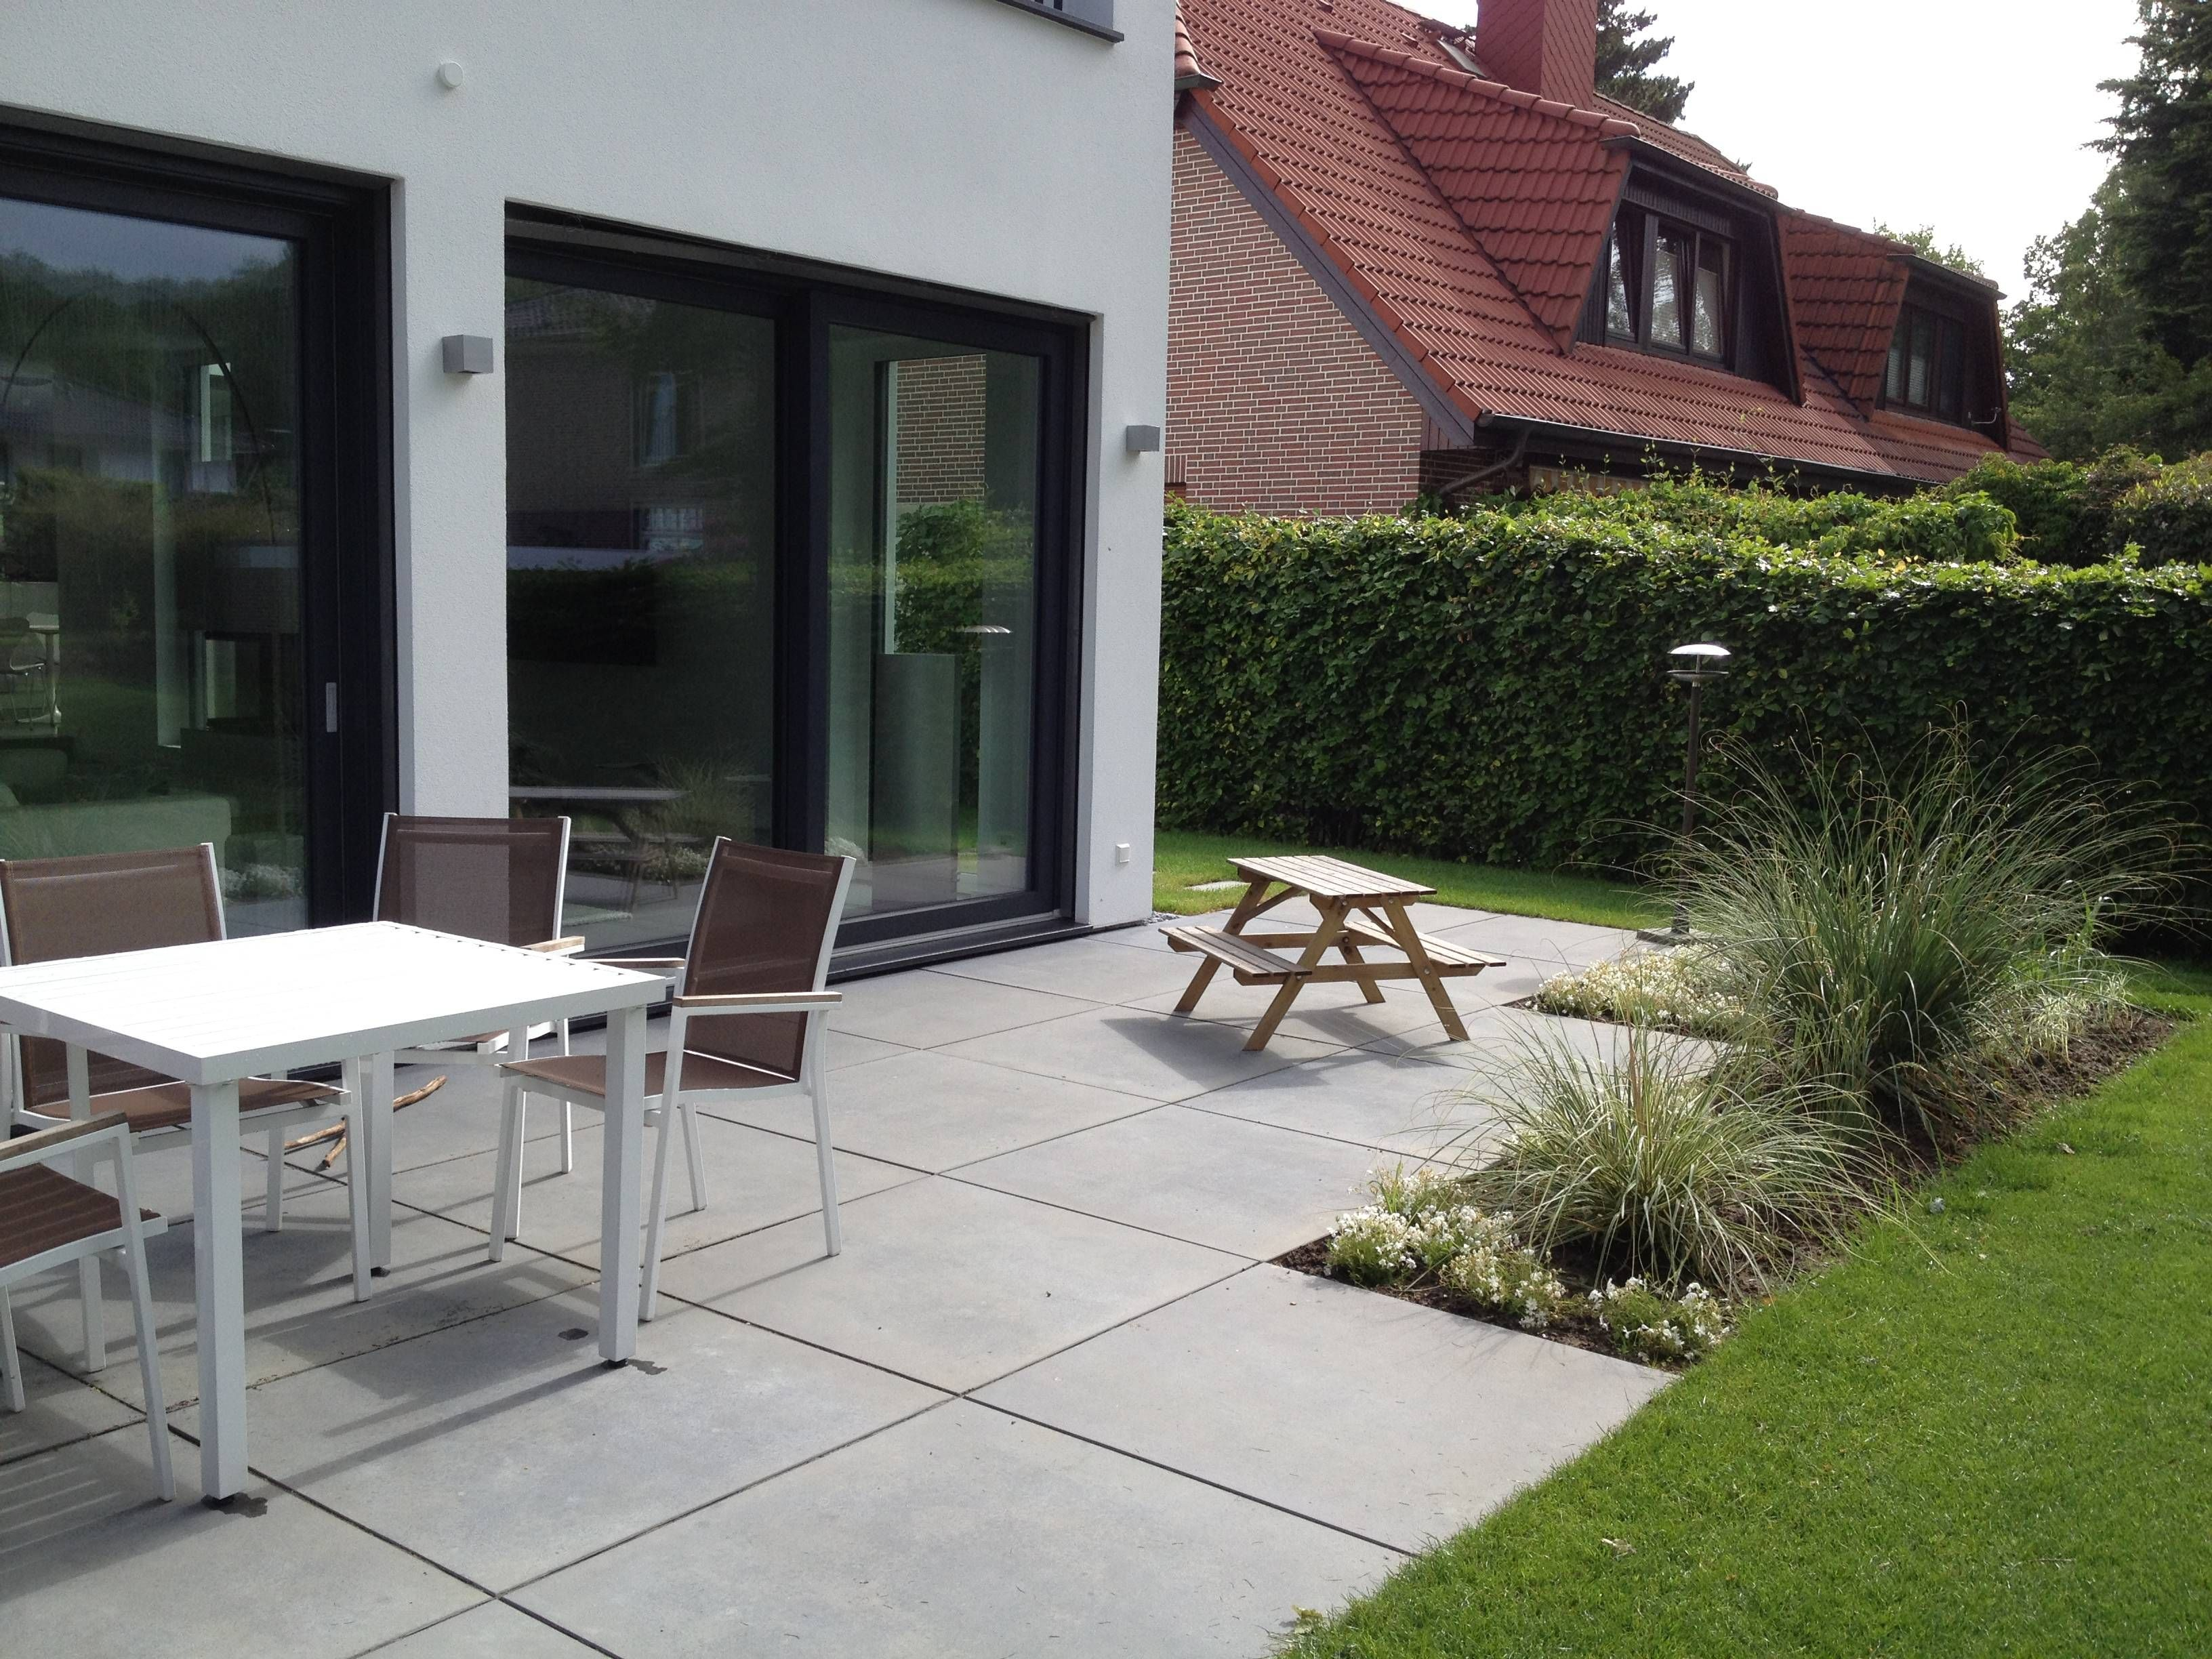 terrasse mit grossformat platten | righini garten- und, Garten ideen